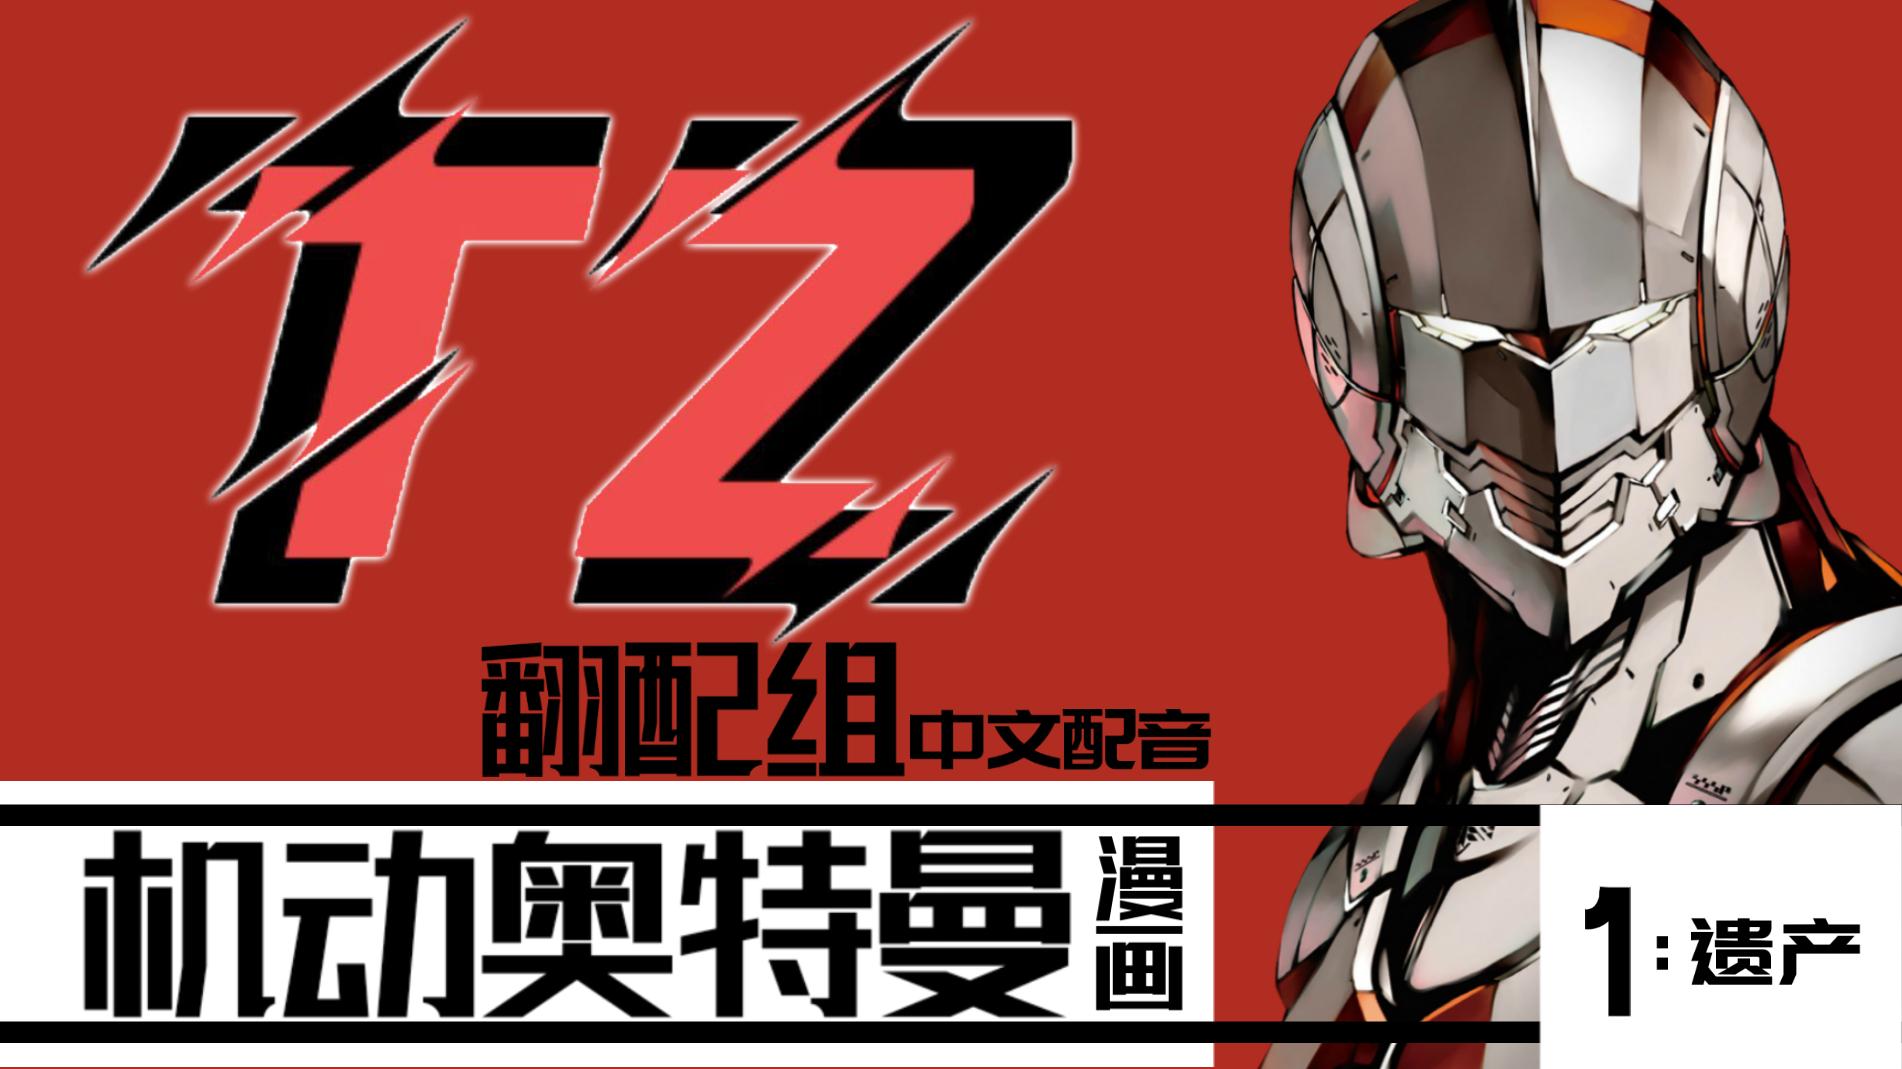 【TZ】机动奥特曼【有声漫画】中文配音第一章:遗产